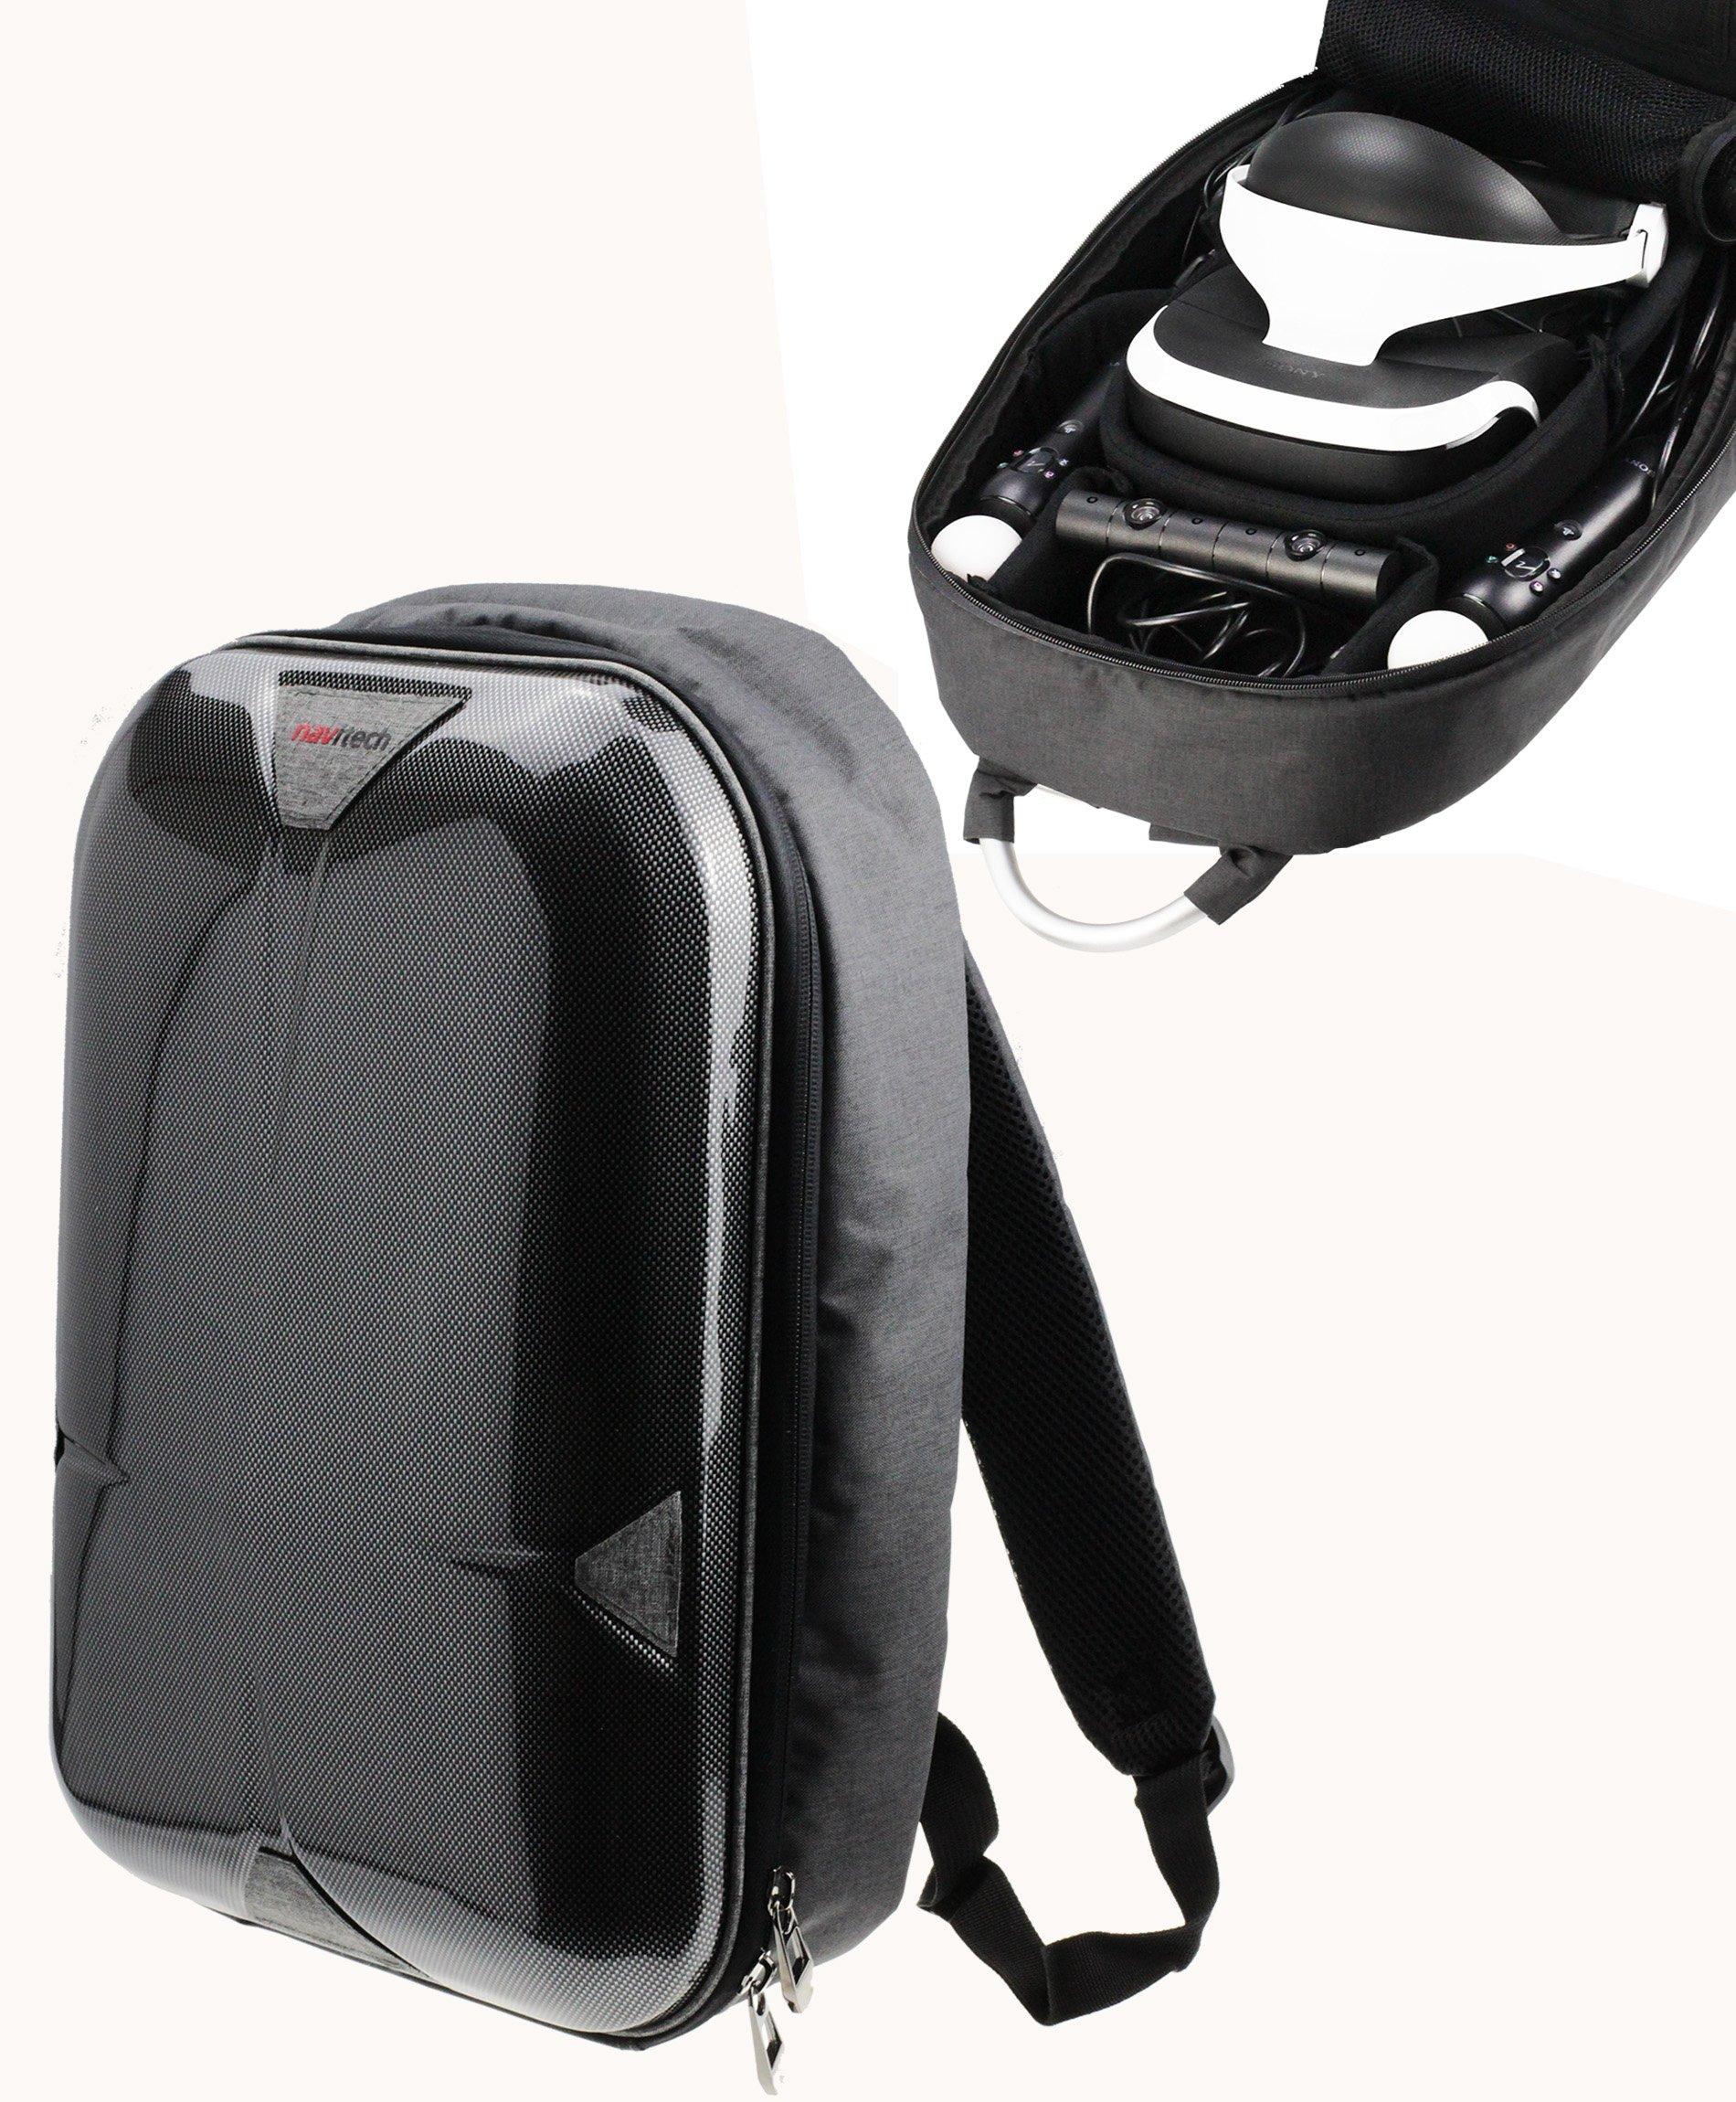 Navitech Sac à dos grise / étui / étui de voyage pour le PlayStation VR (PSVR)